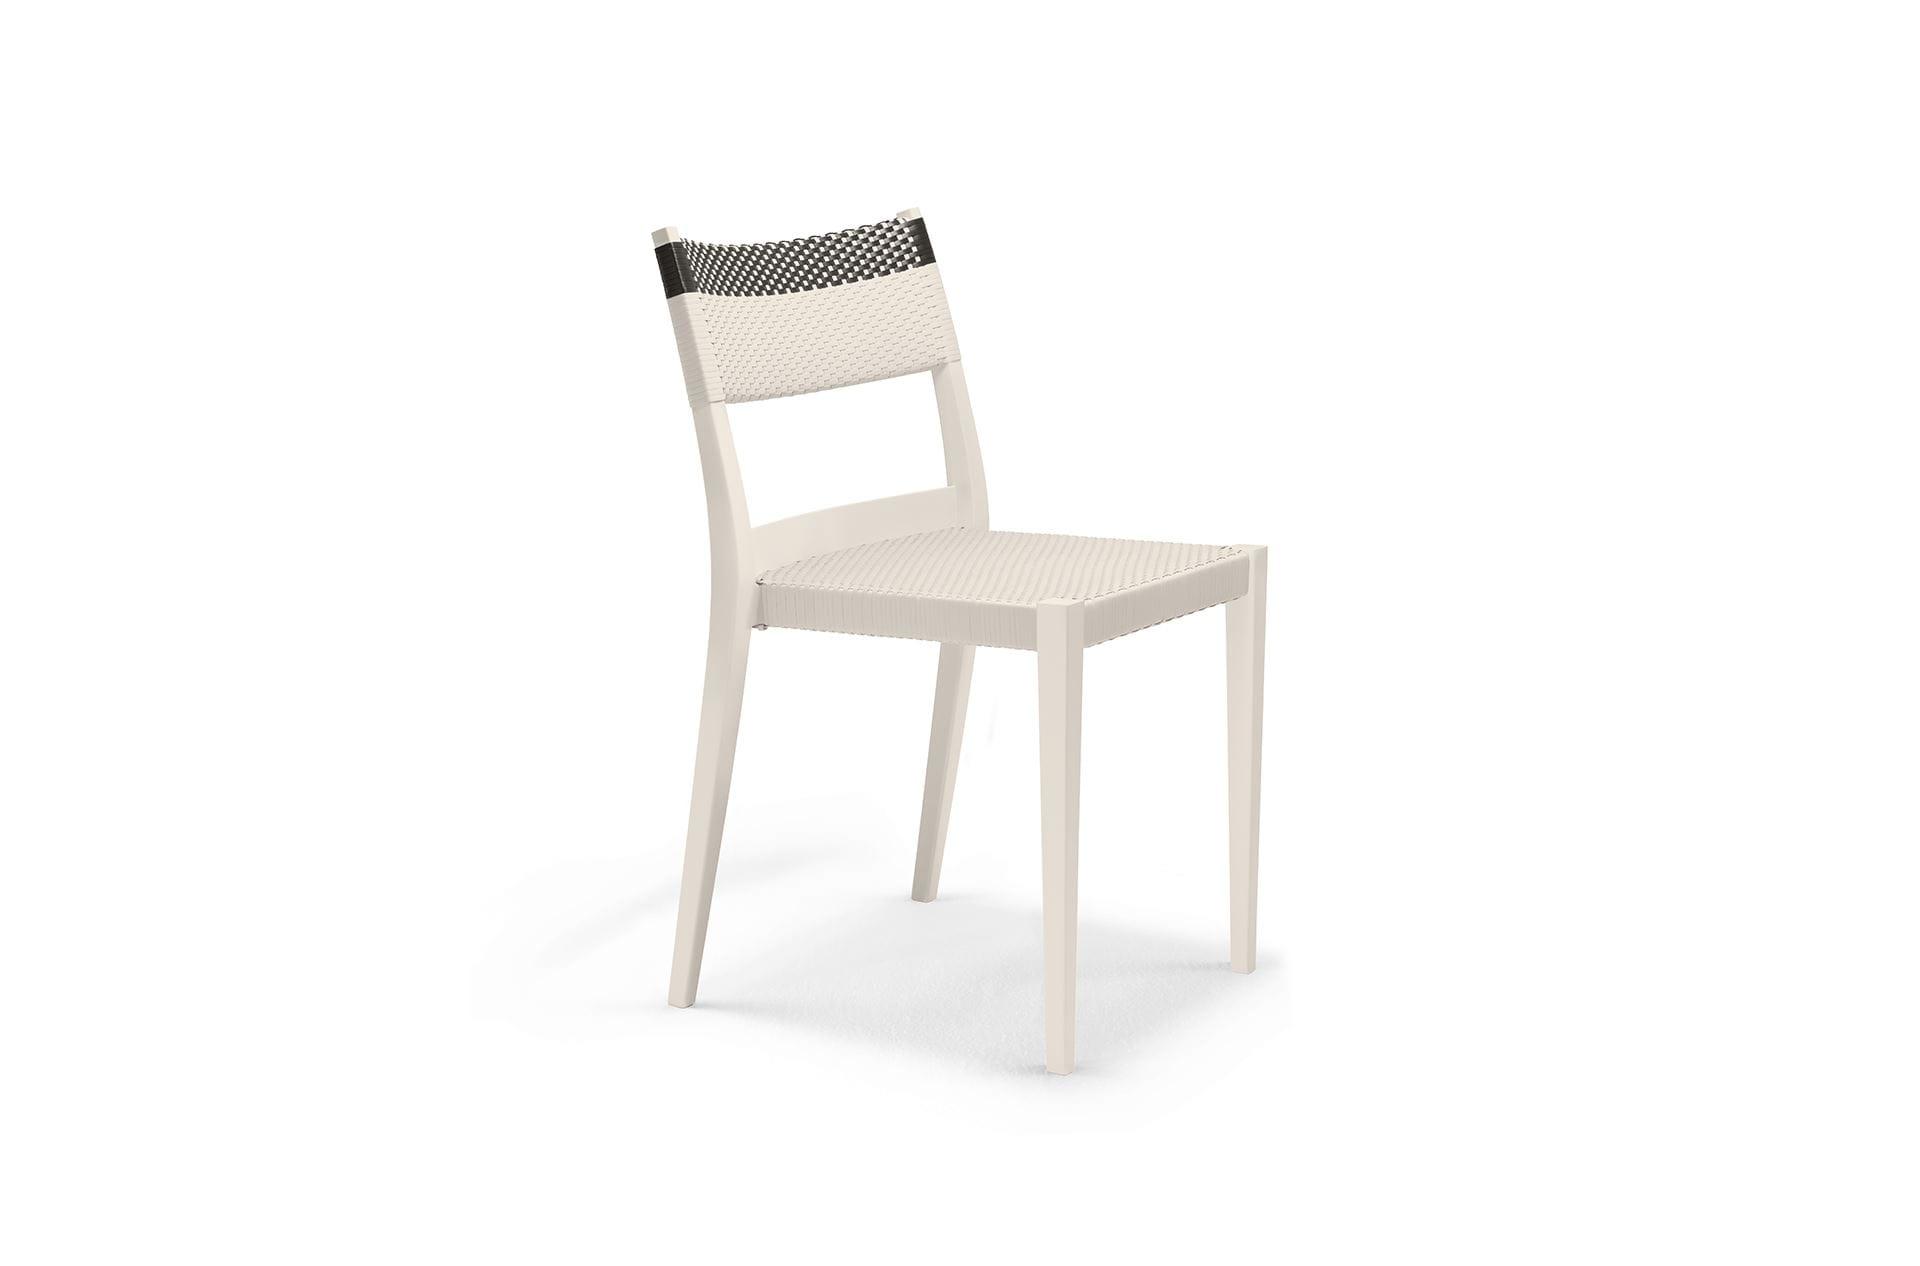 dedon play with dedon side chair